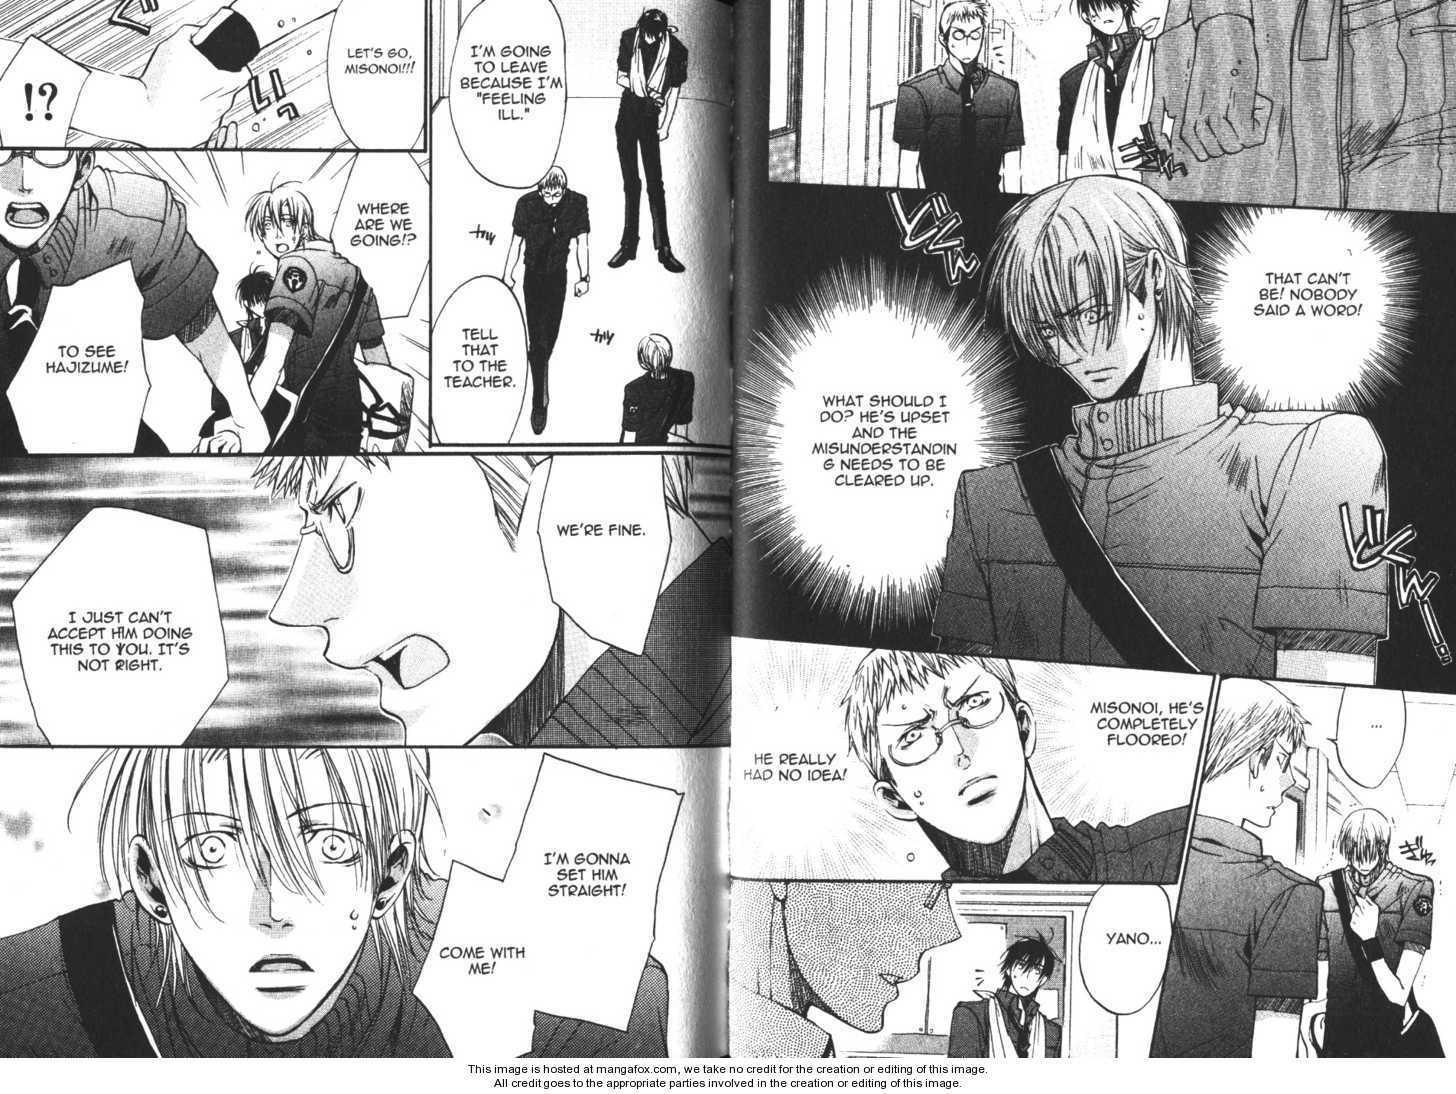 Seiryou Saikyou Monogatari 13 Page 2